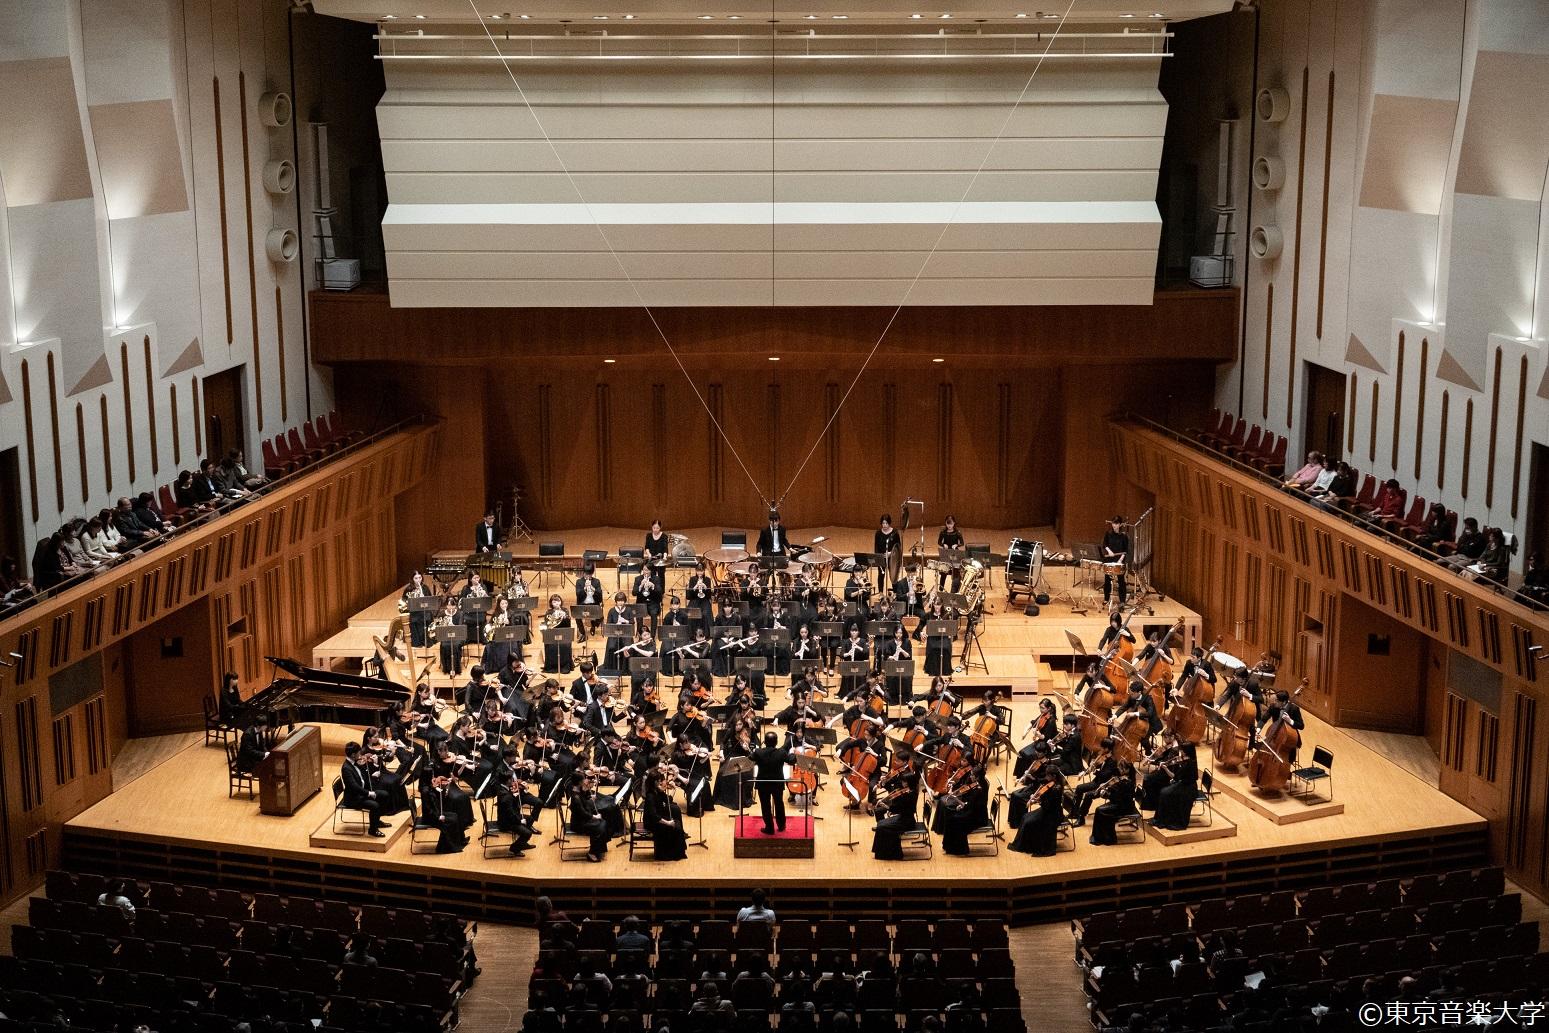 東京音楽大学シンフォニーオーケストラ定期演奏会のレポートを掲載しました